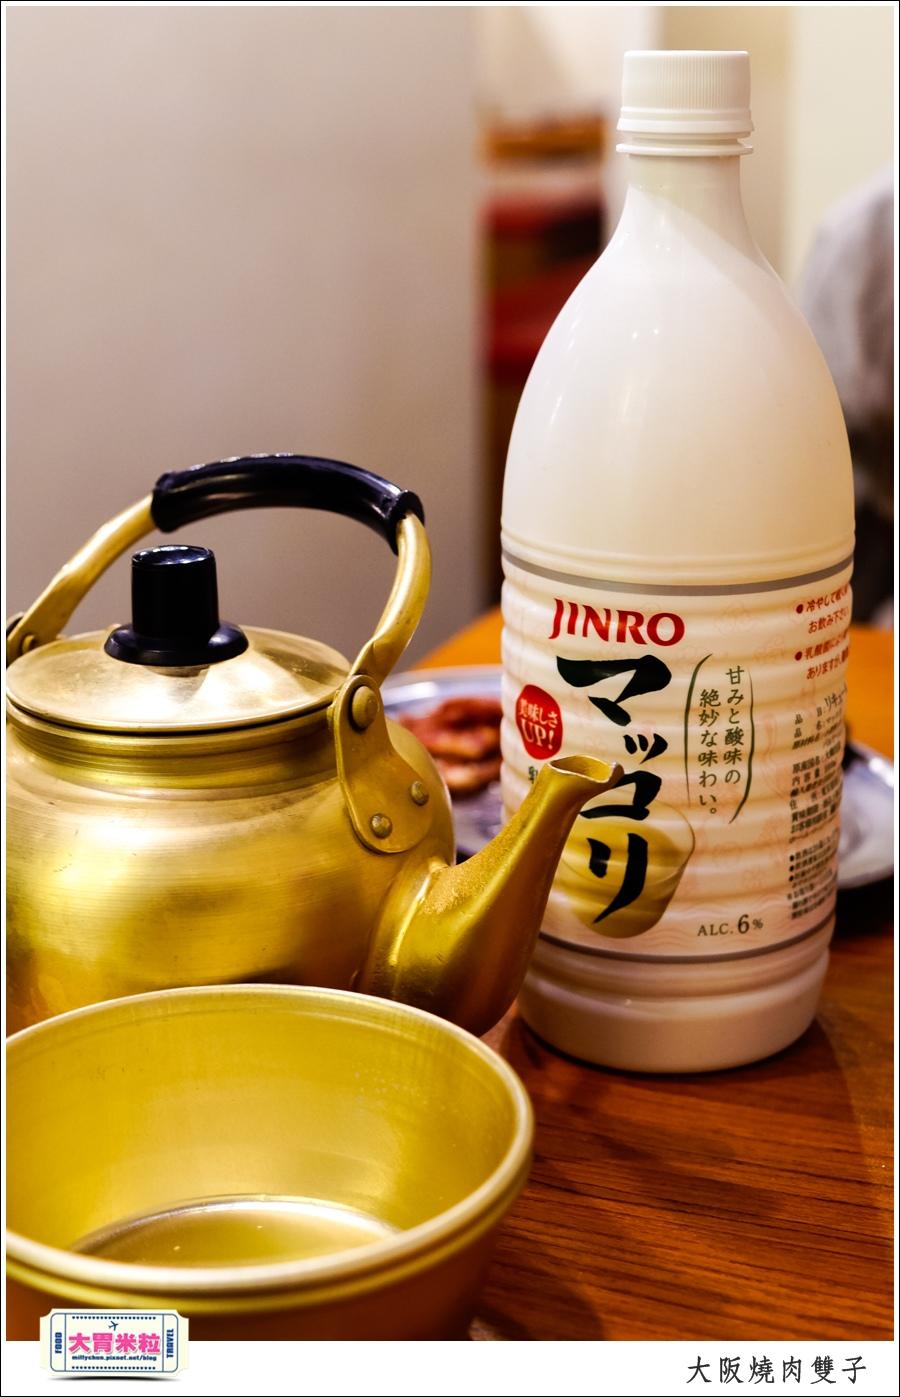 高雄單點燒肉推薦@大阪燒肉雙子高雄店@大胃米粒0055.jpg